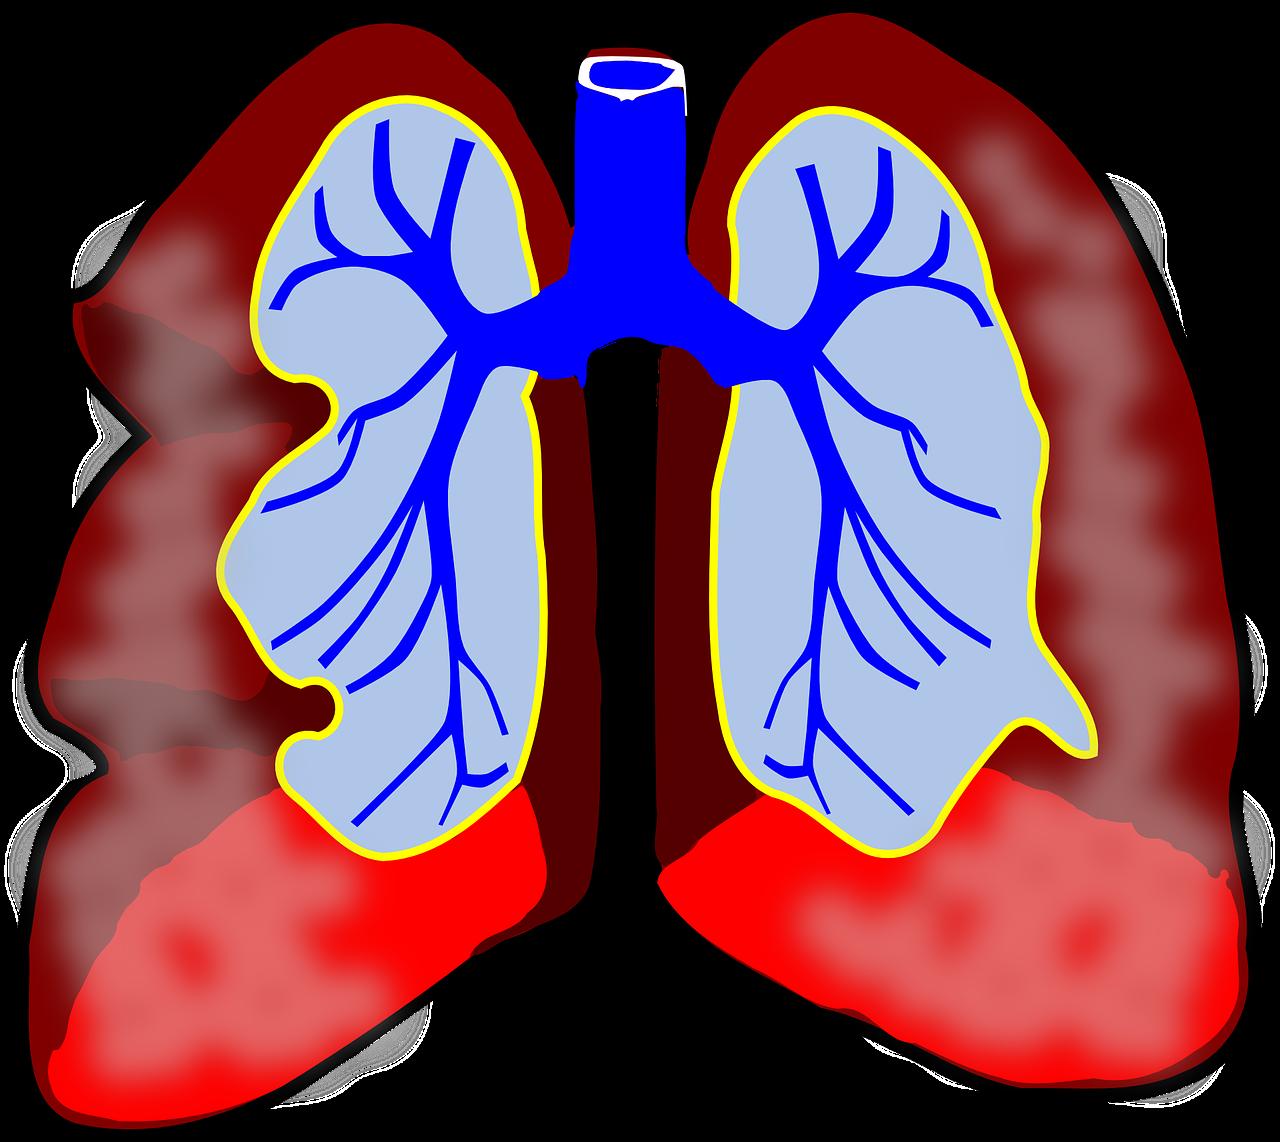 Obat Untuk Bronkitis Kronis